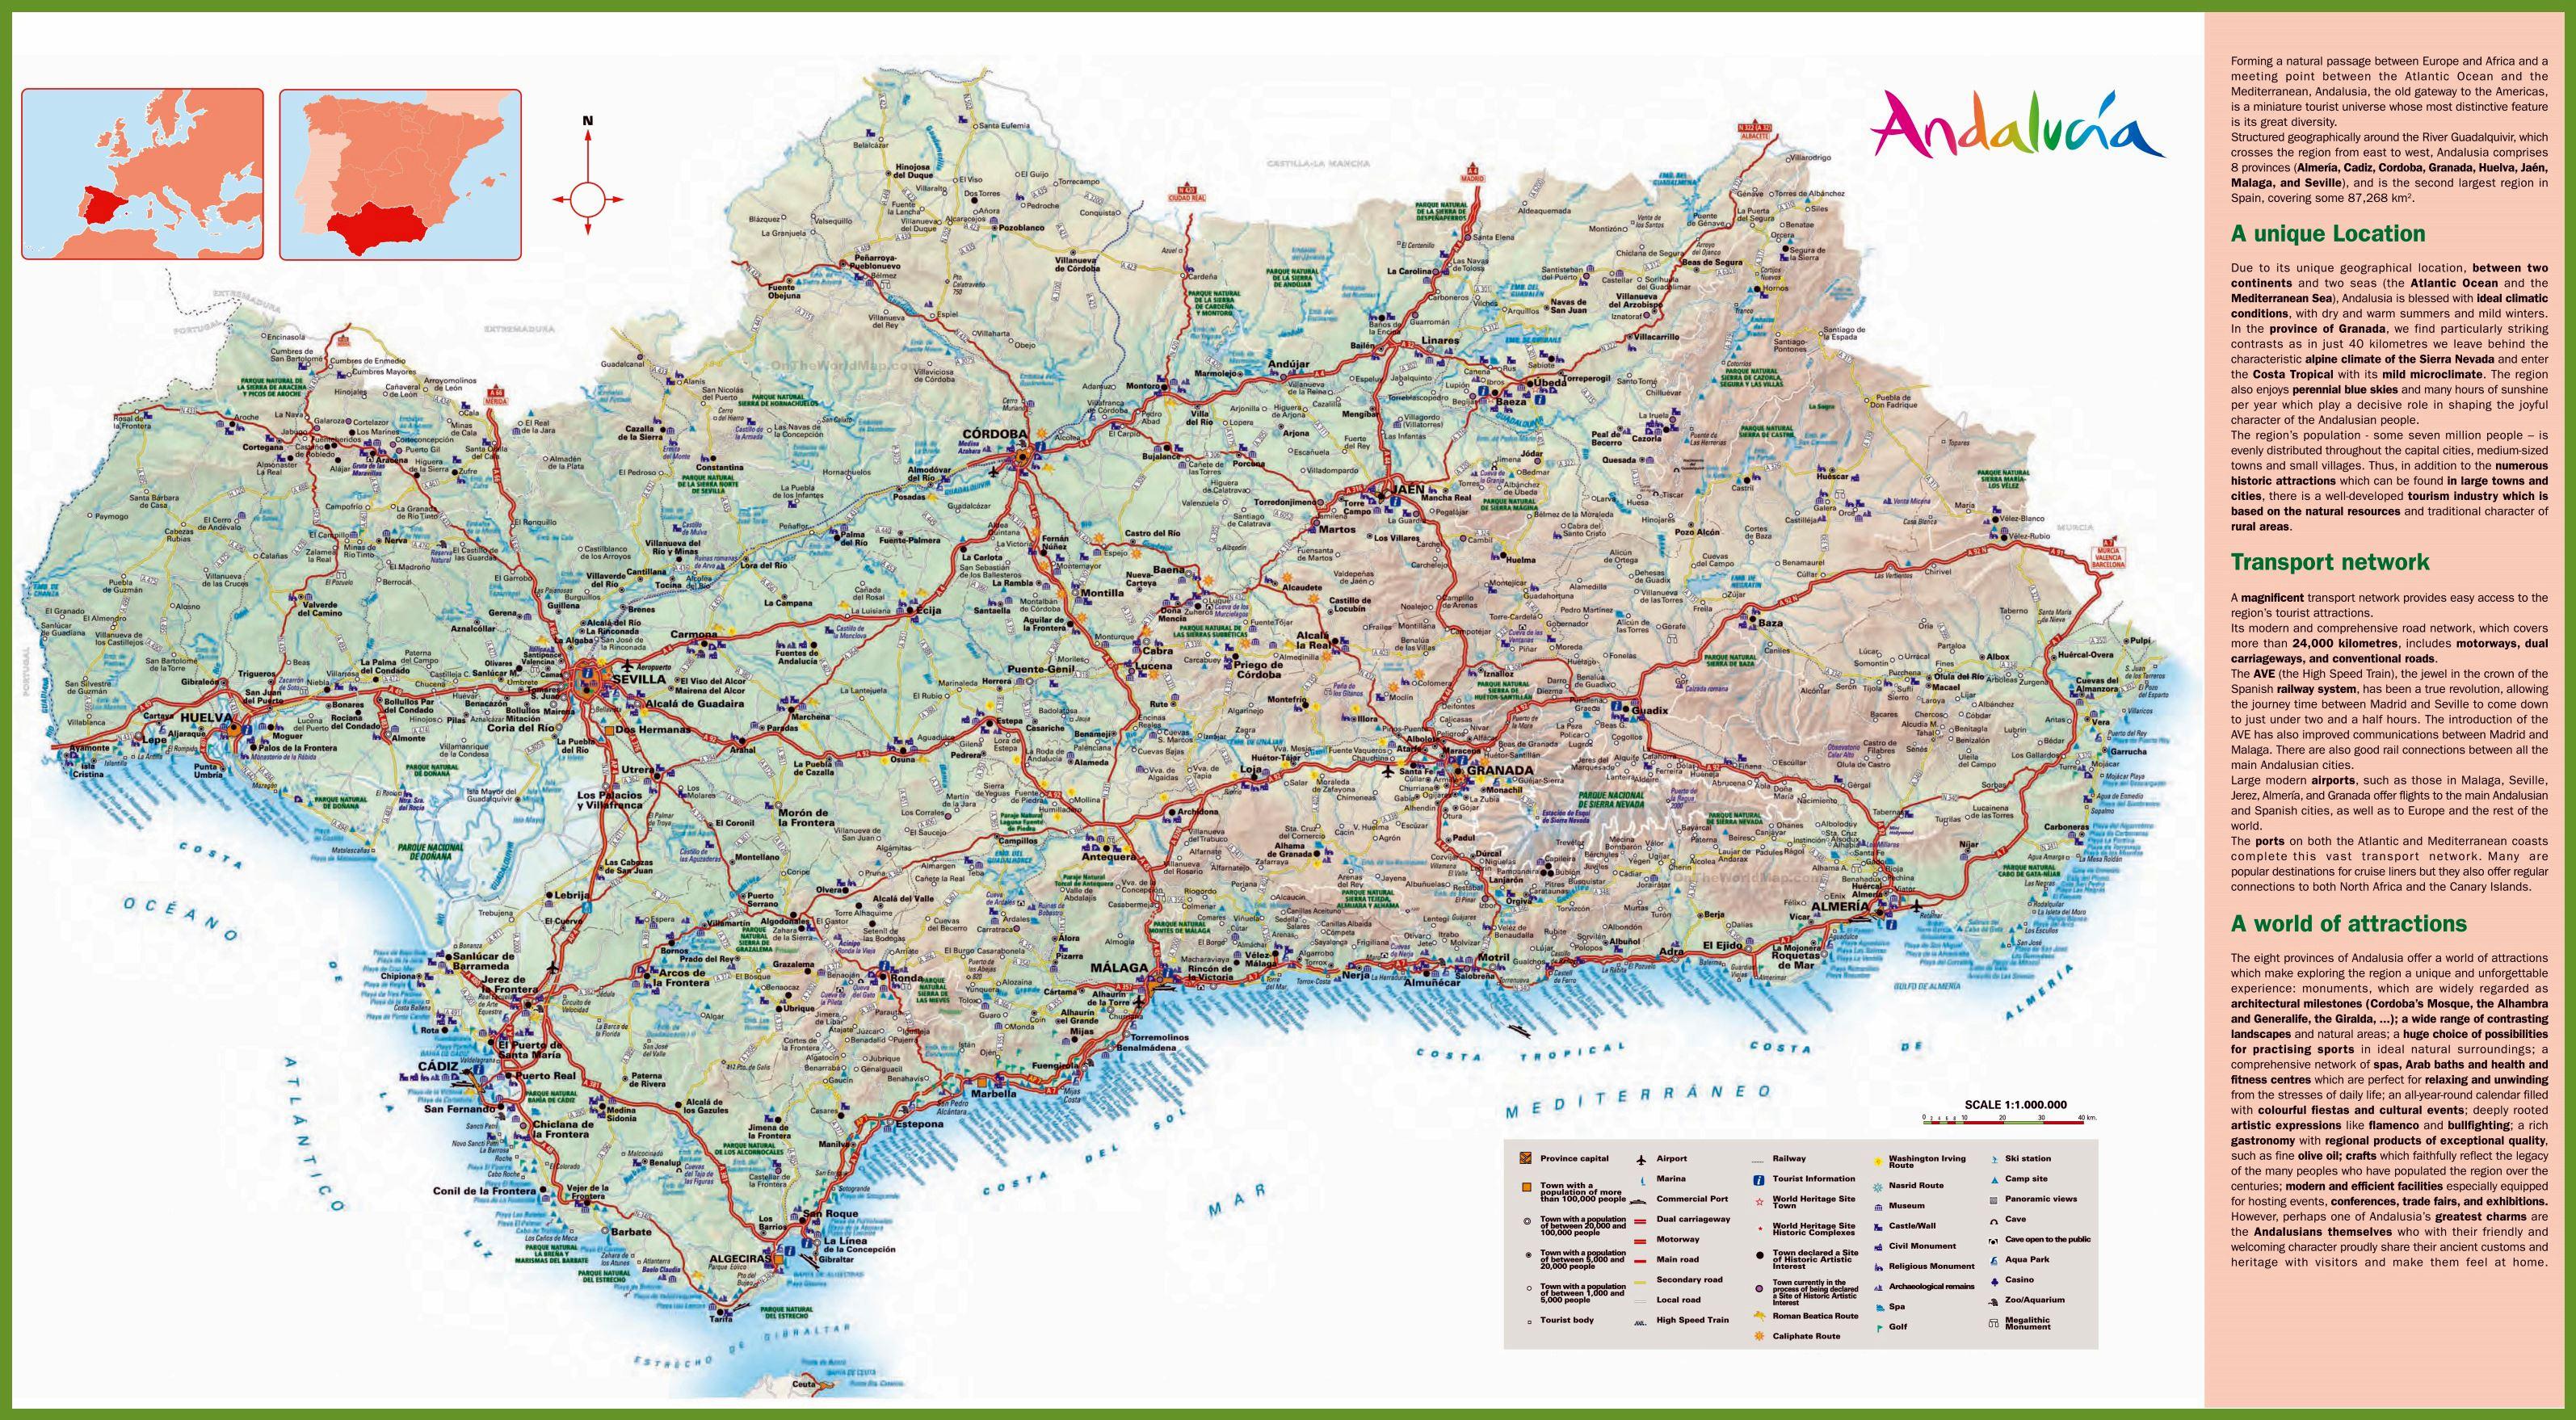 karte von andalusien Stadtplan von Andalusien | Detaillierte gedruckte Karten von  karte von andalusien